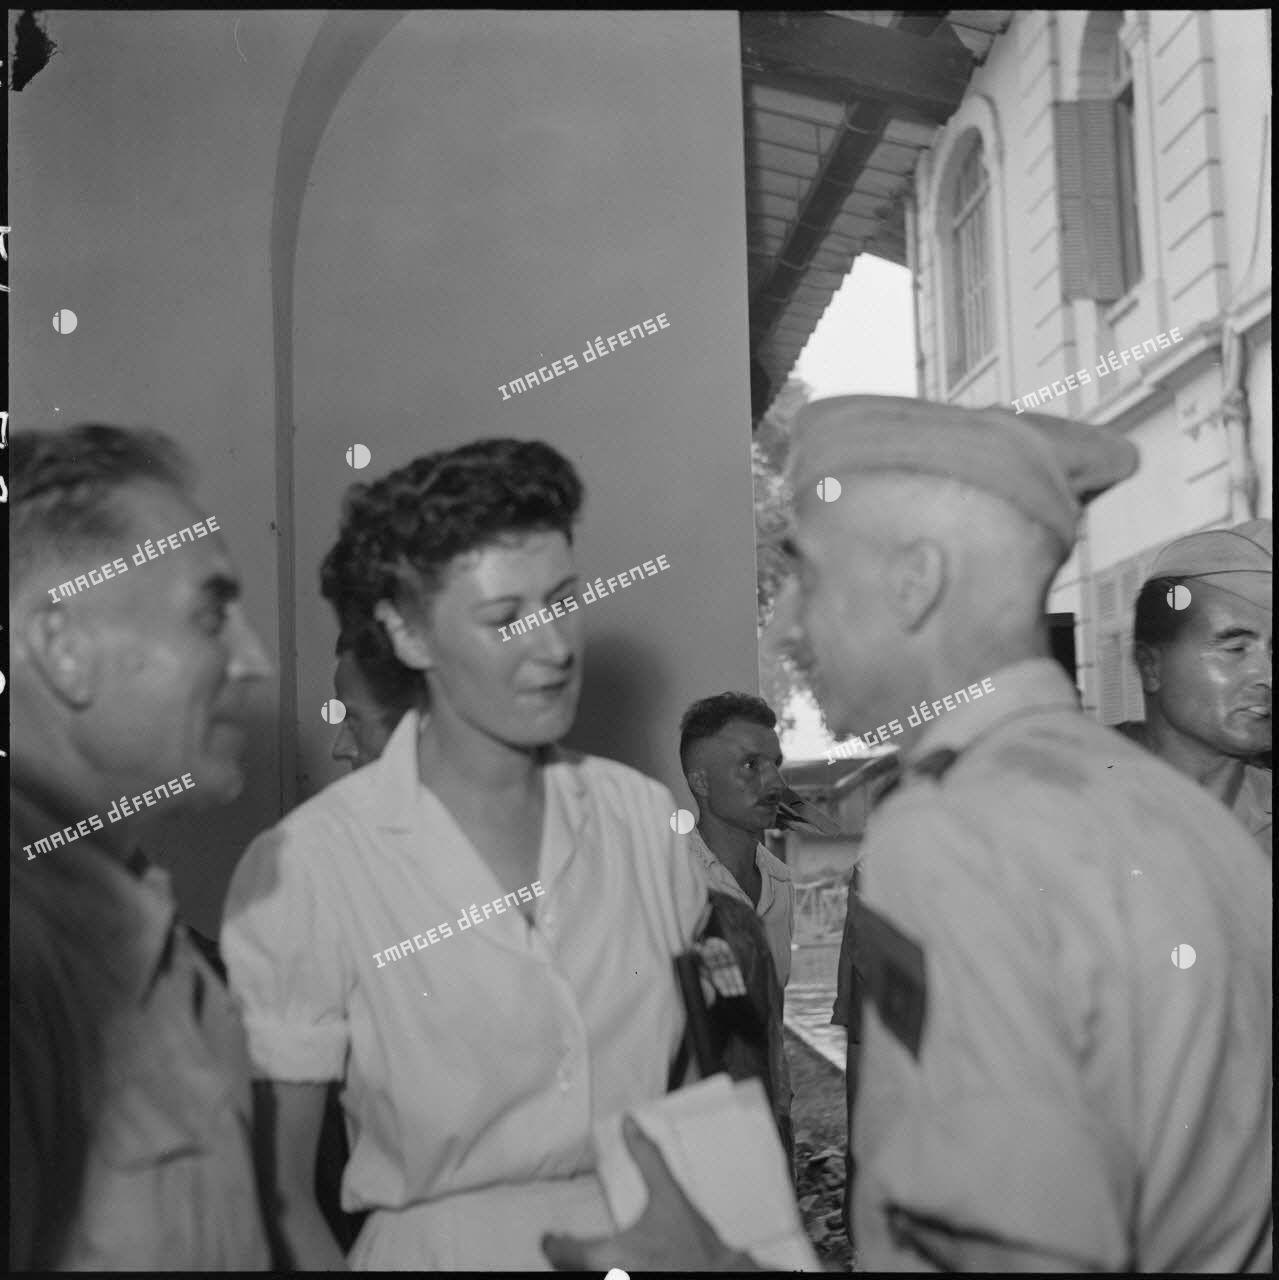 Le général de Castries en compagnie d'une infirmière lors de la visite médicale des officiers supérieurs prisonniers de guerre à Diên Biên Phu à l'hôpital militaire Lanessan de Hanoï.